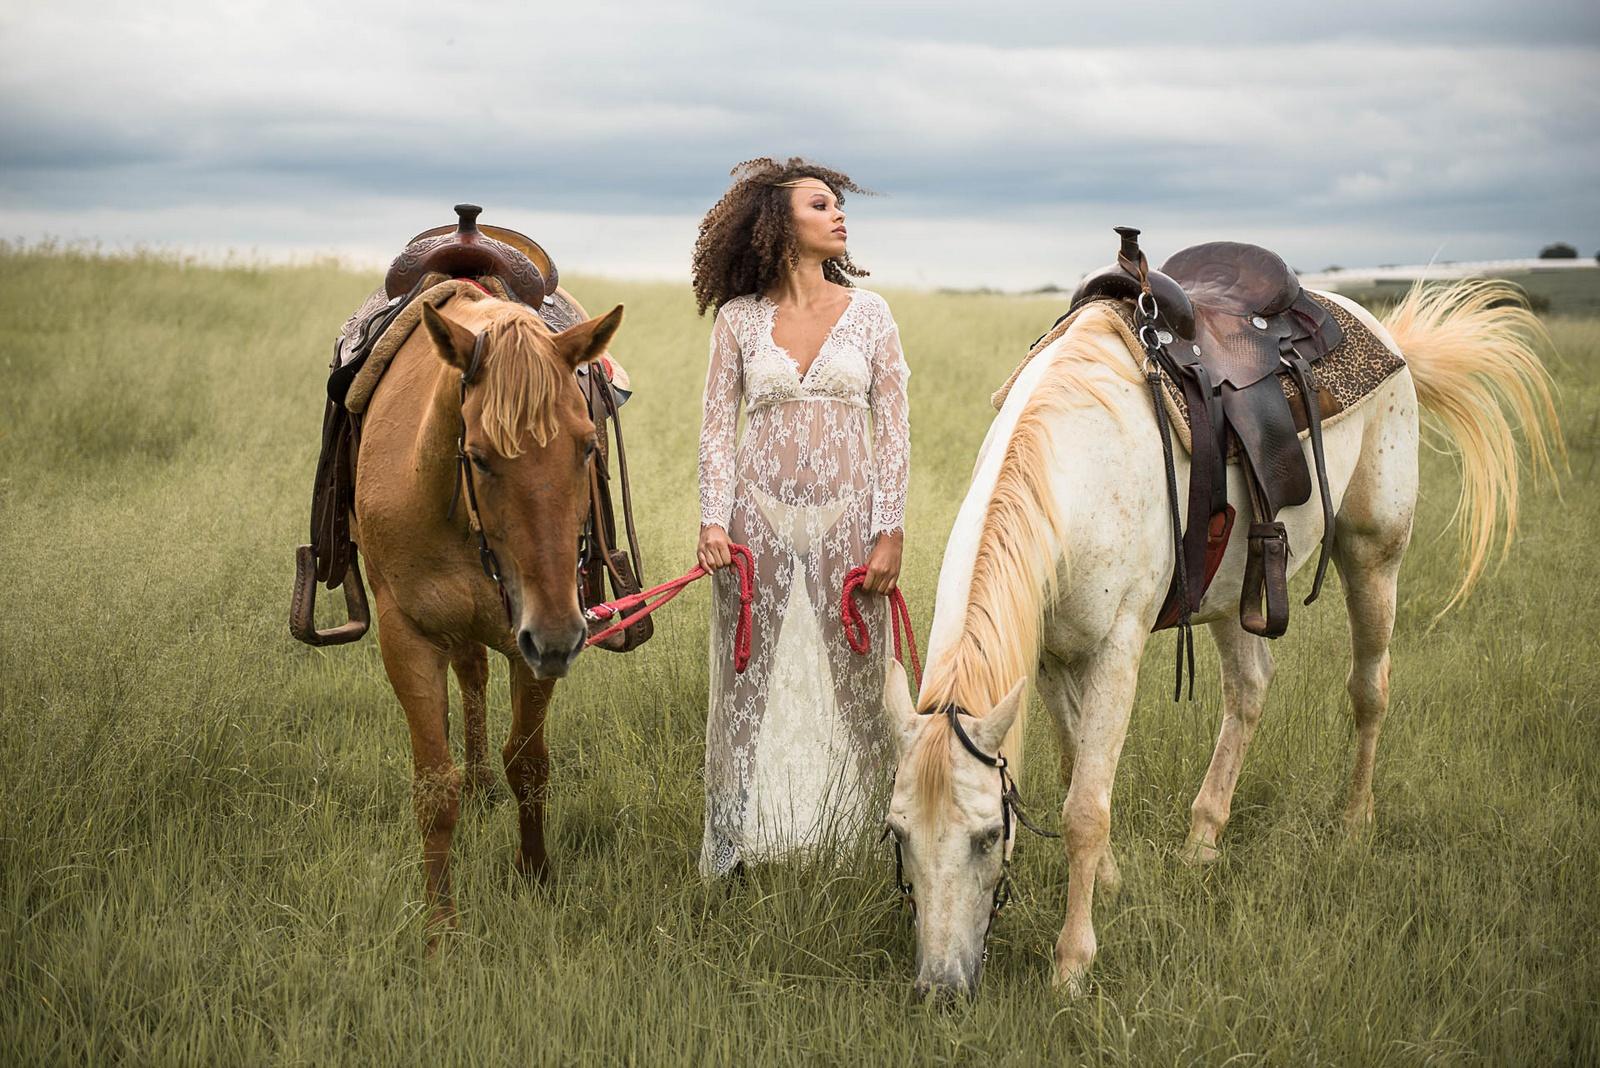 Ensaio fotográfico com cavalos nos campos de Holambra